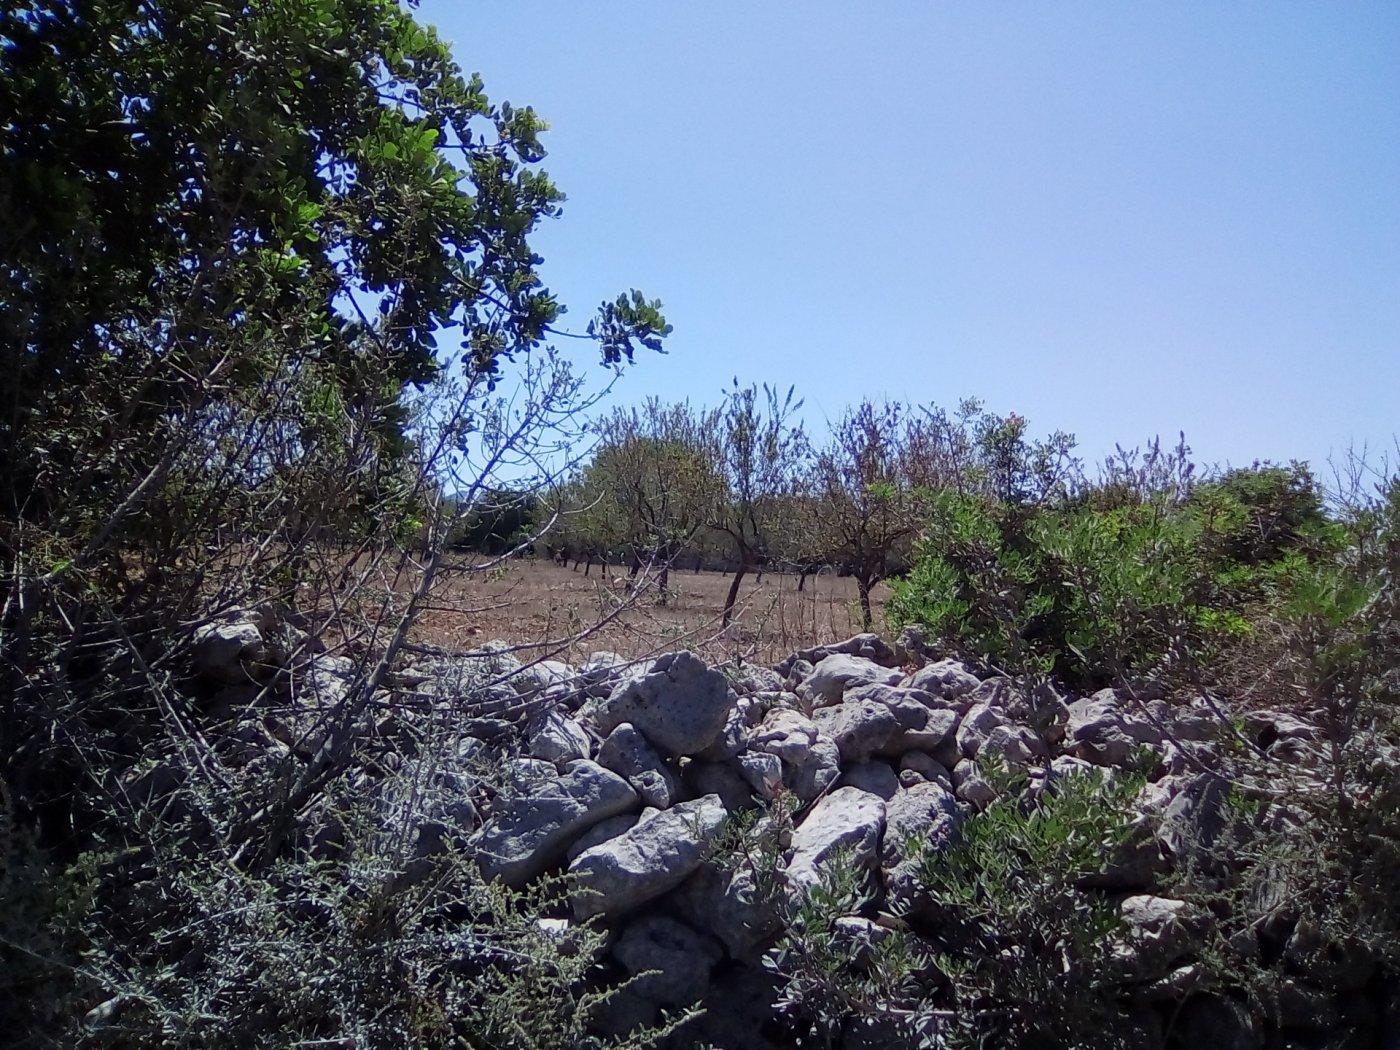 Finca rustica en venta con casa de campo en son valls felanitx - imagenInmueble5